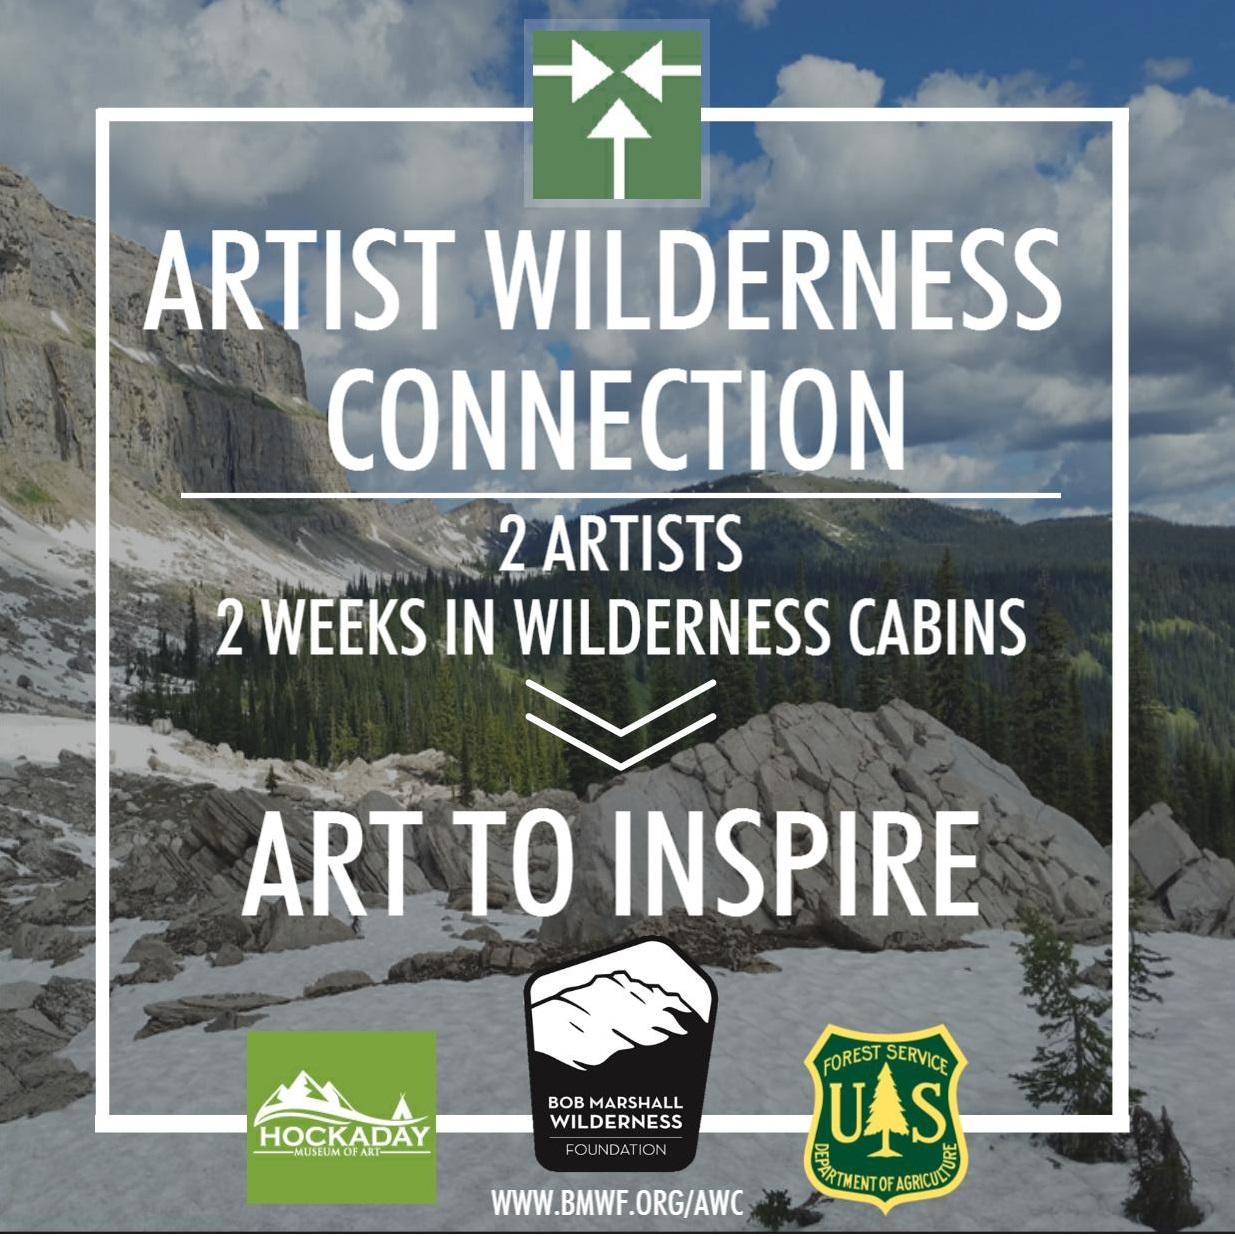 artist-wilderness-connection-bob-marshall-wilderness-foundation